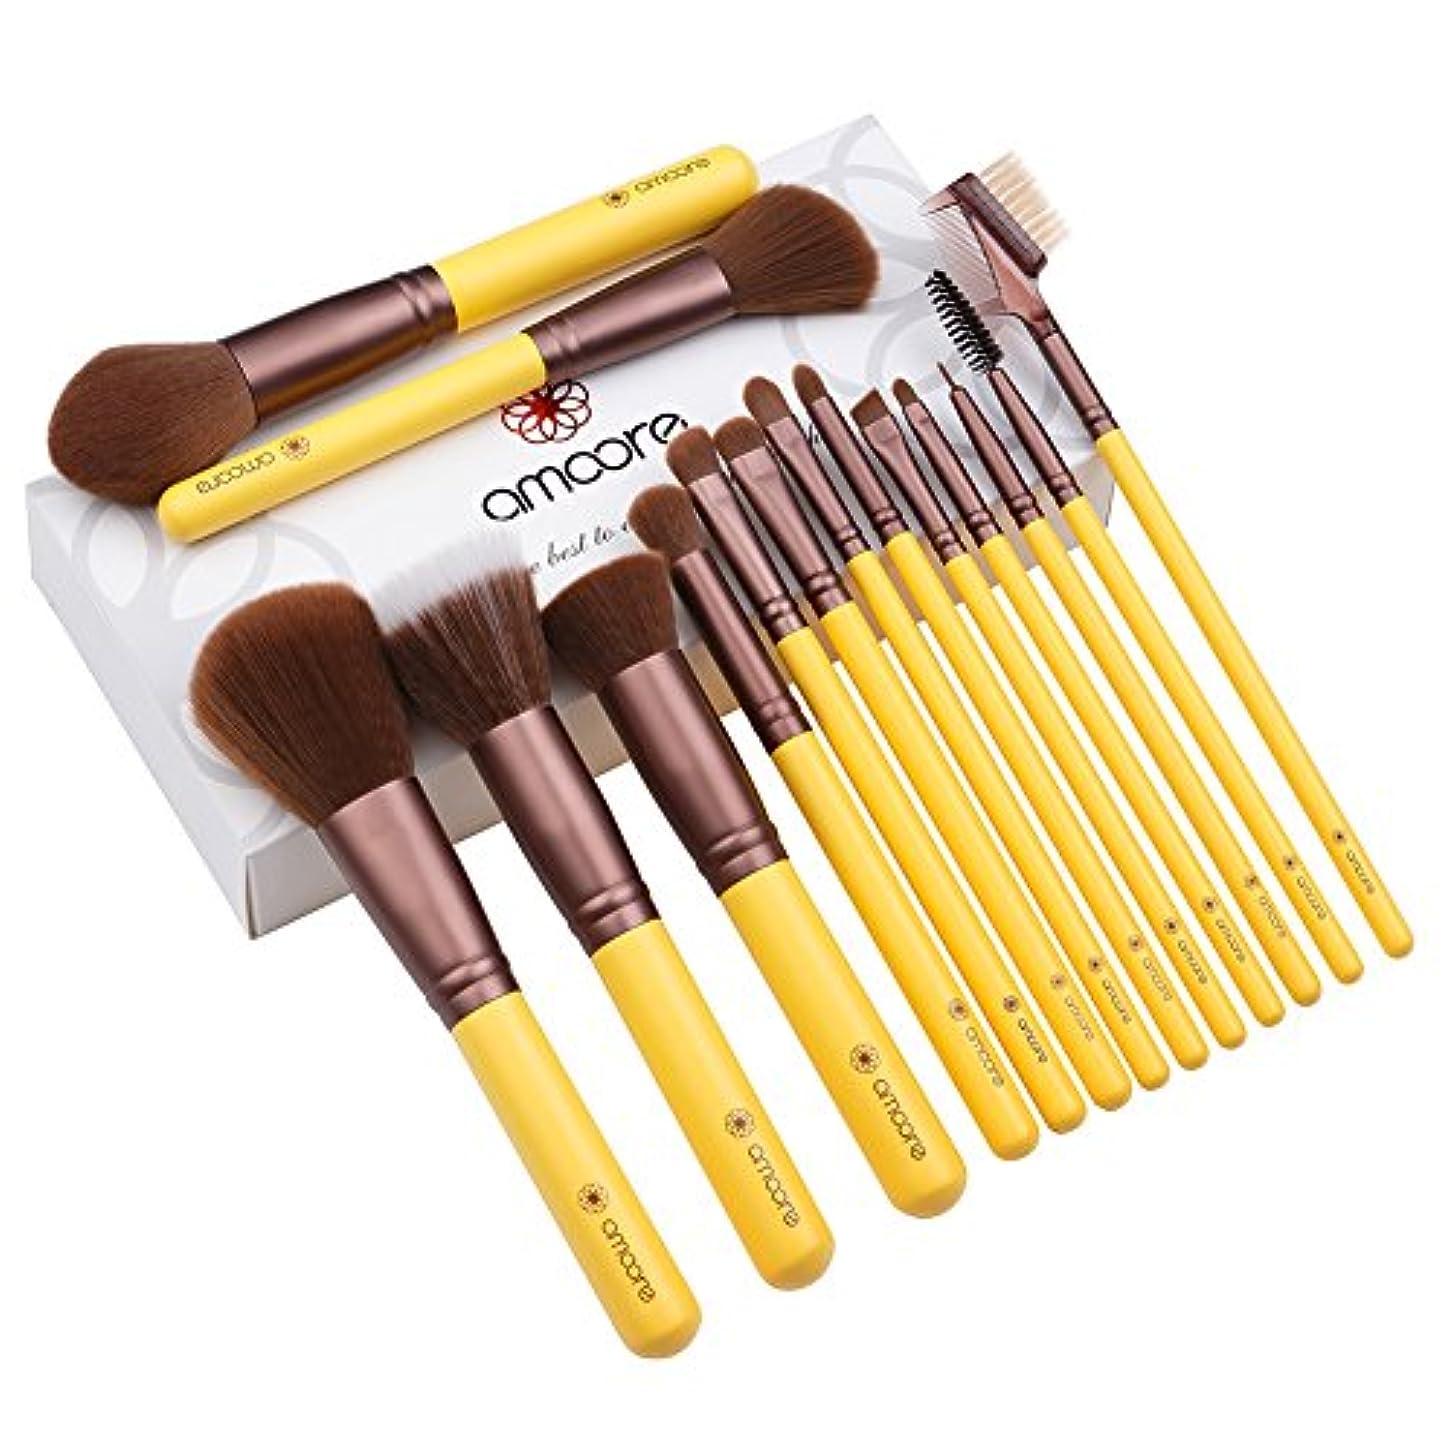 シールド予約事実上amoore 15本 化粧筆 メイクブラシセット コスメ ブラシ 化粧ブラシ (15本, イエロー)